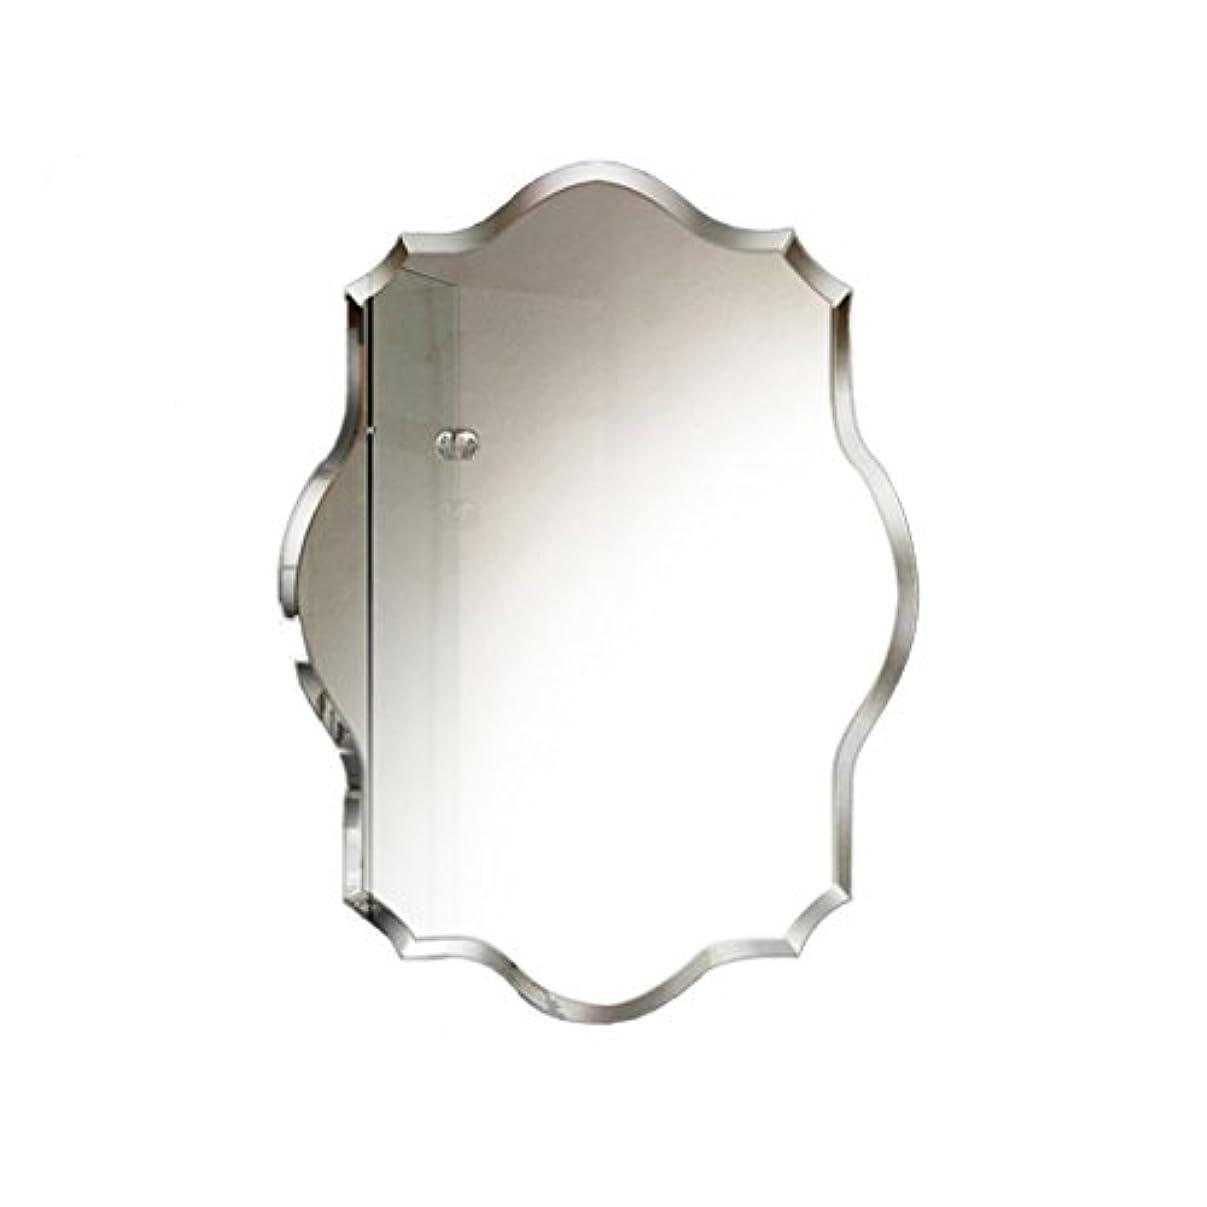 SZQ ウォールマウントミラー、バスルーム/多機能/ベッドルーム/装飾/縁なし/多角形/メイクアップミラー/クリエイティブミラー 反射良い (サイズ さいず : 50 * 70CM)